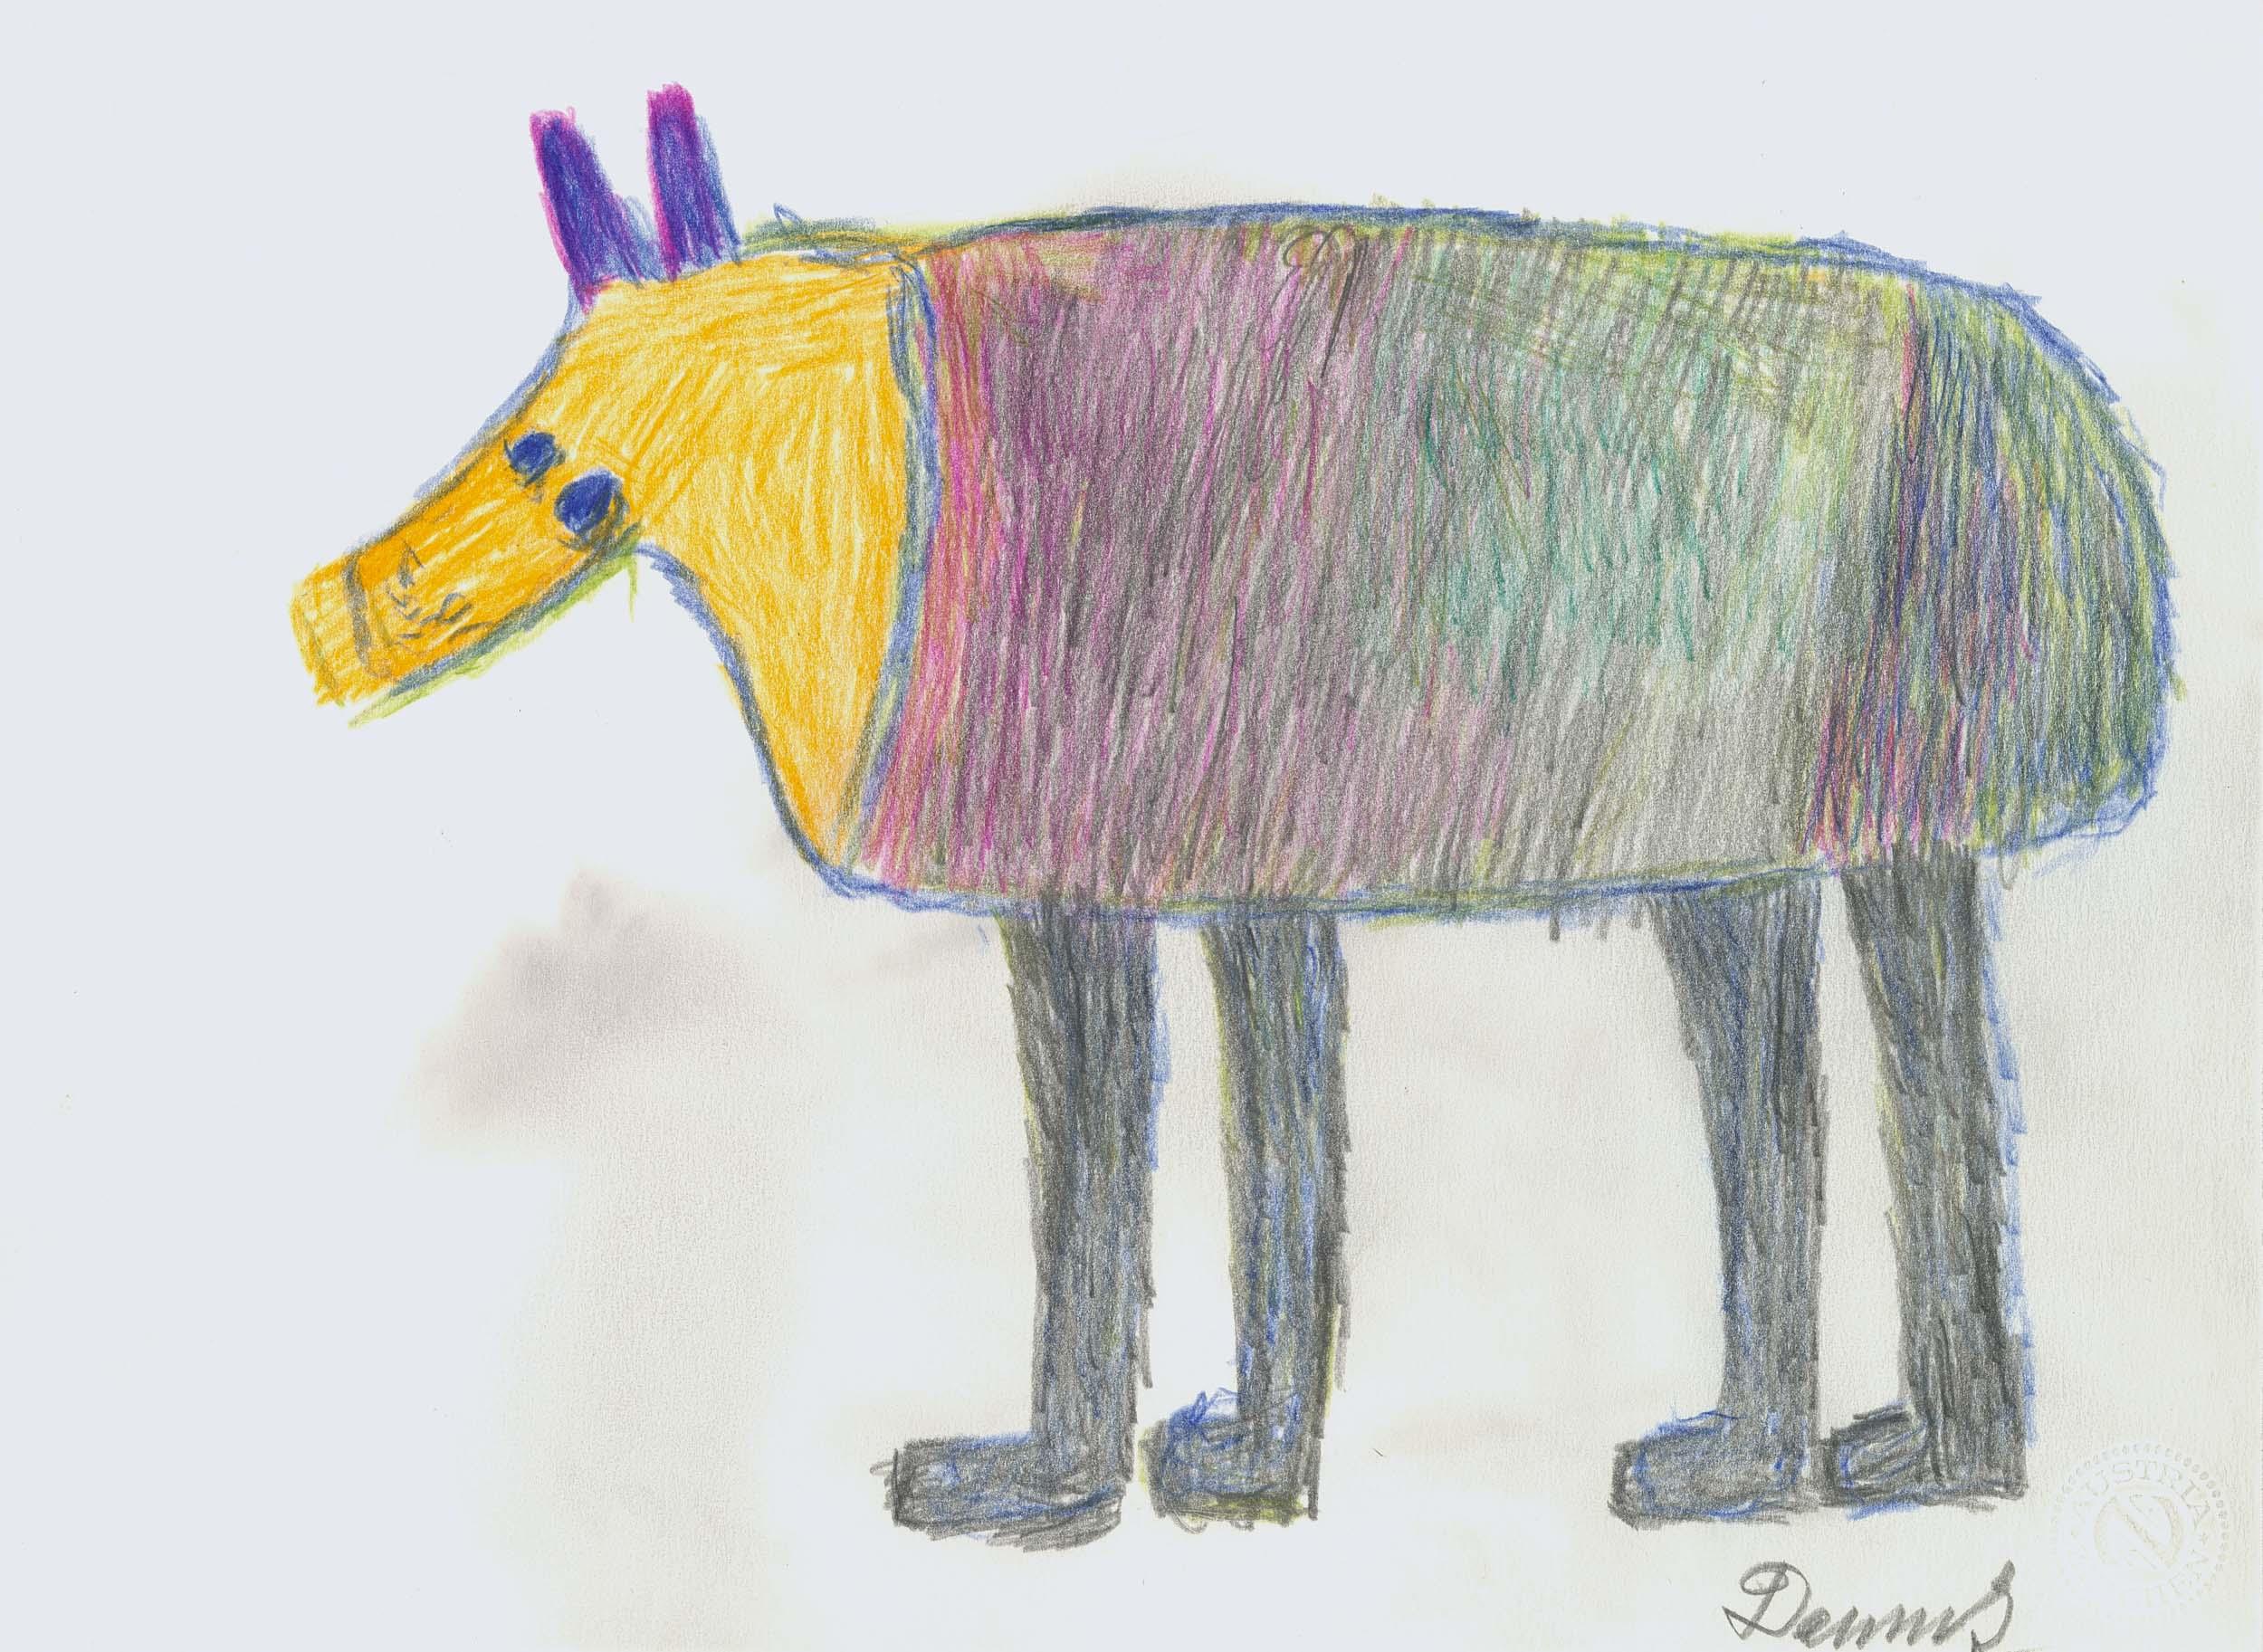 dobay anton - Pferd / Horse